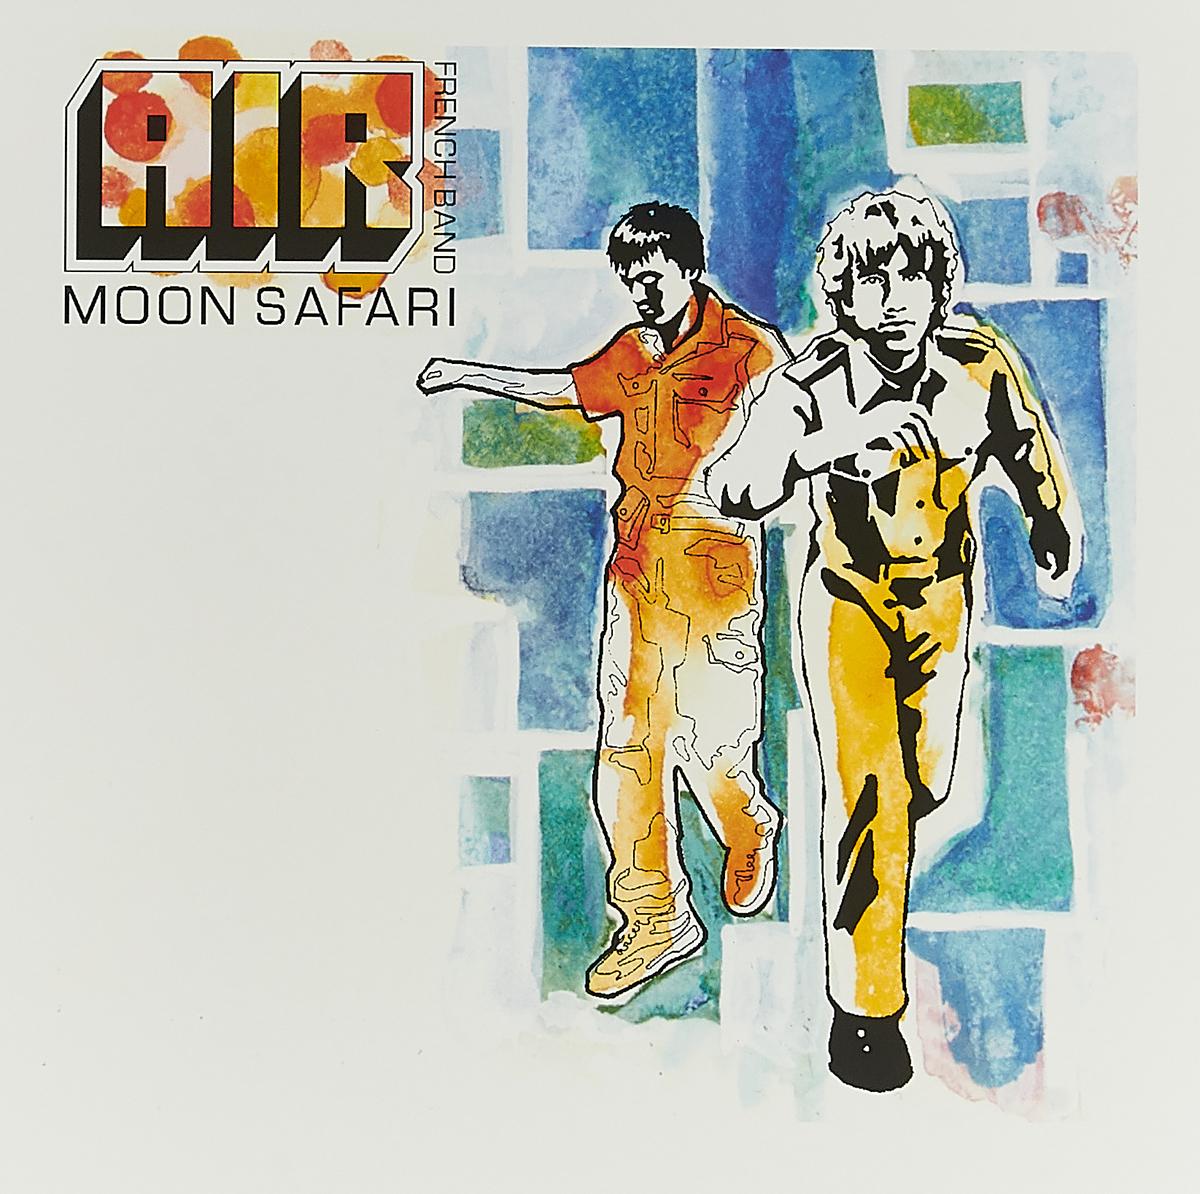 Air. Moon Safari (20th Anniversary) (LP)